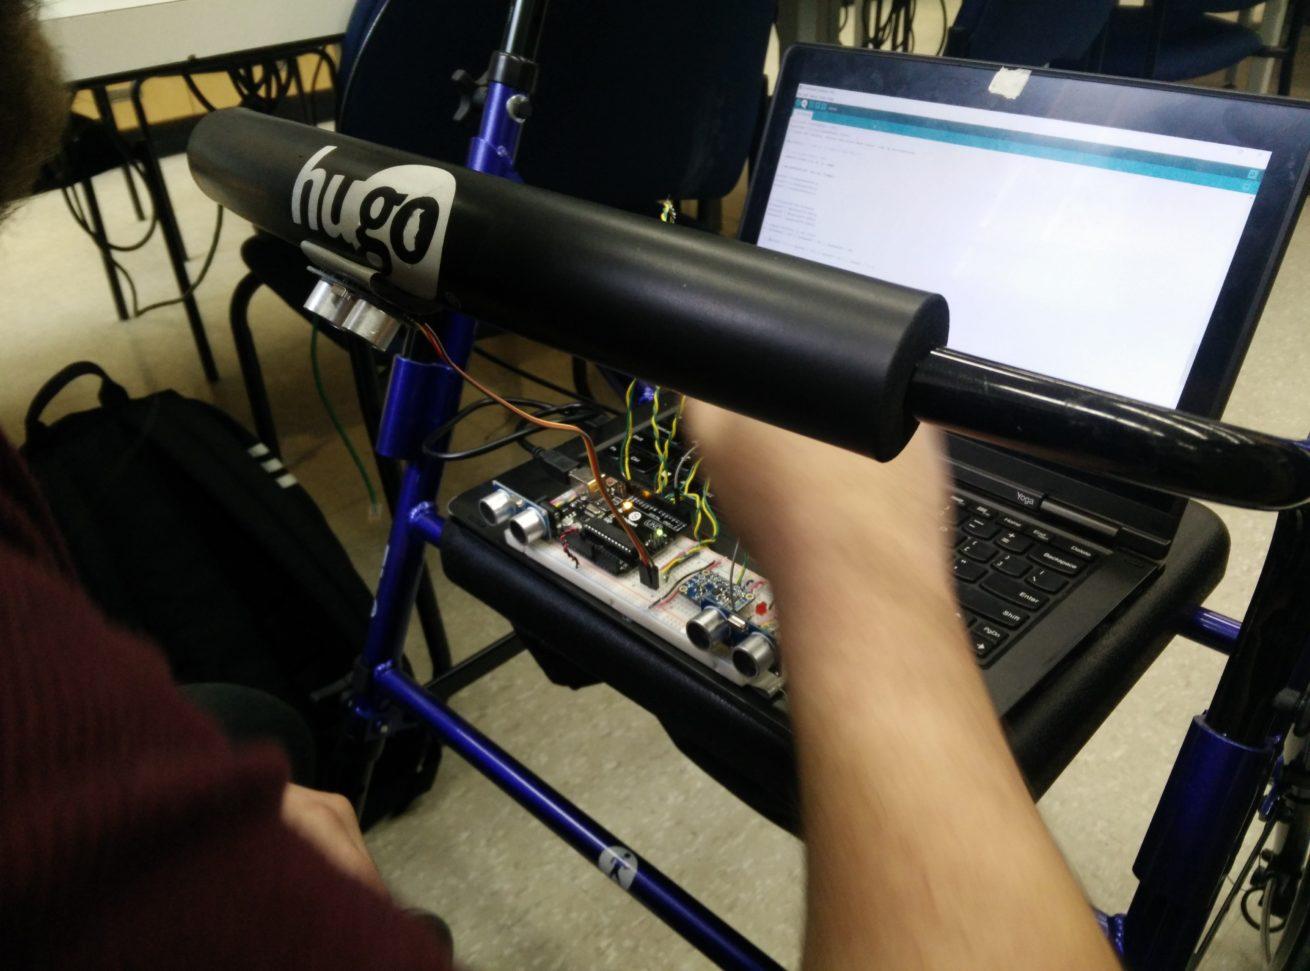 2. Experimental setup to test IMU